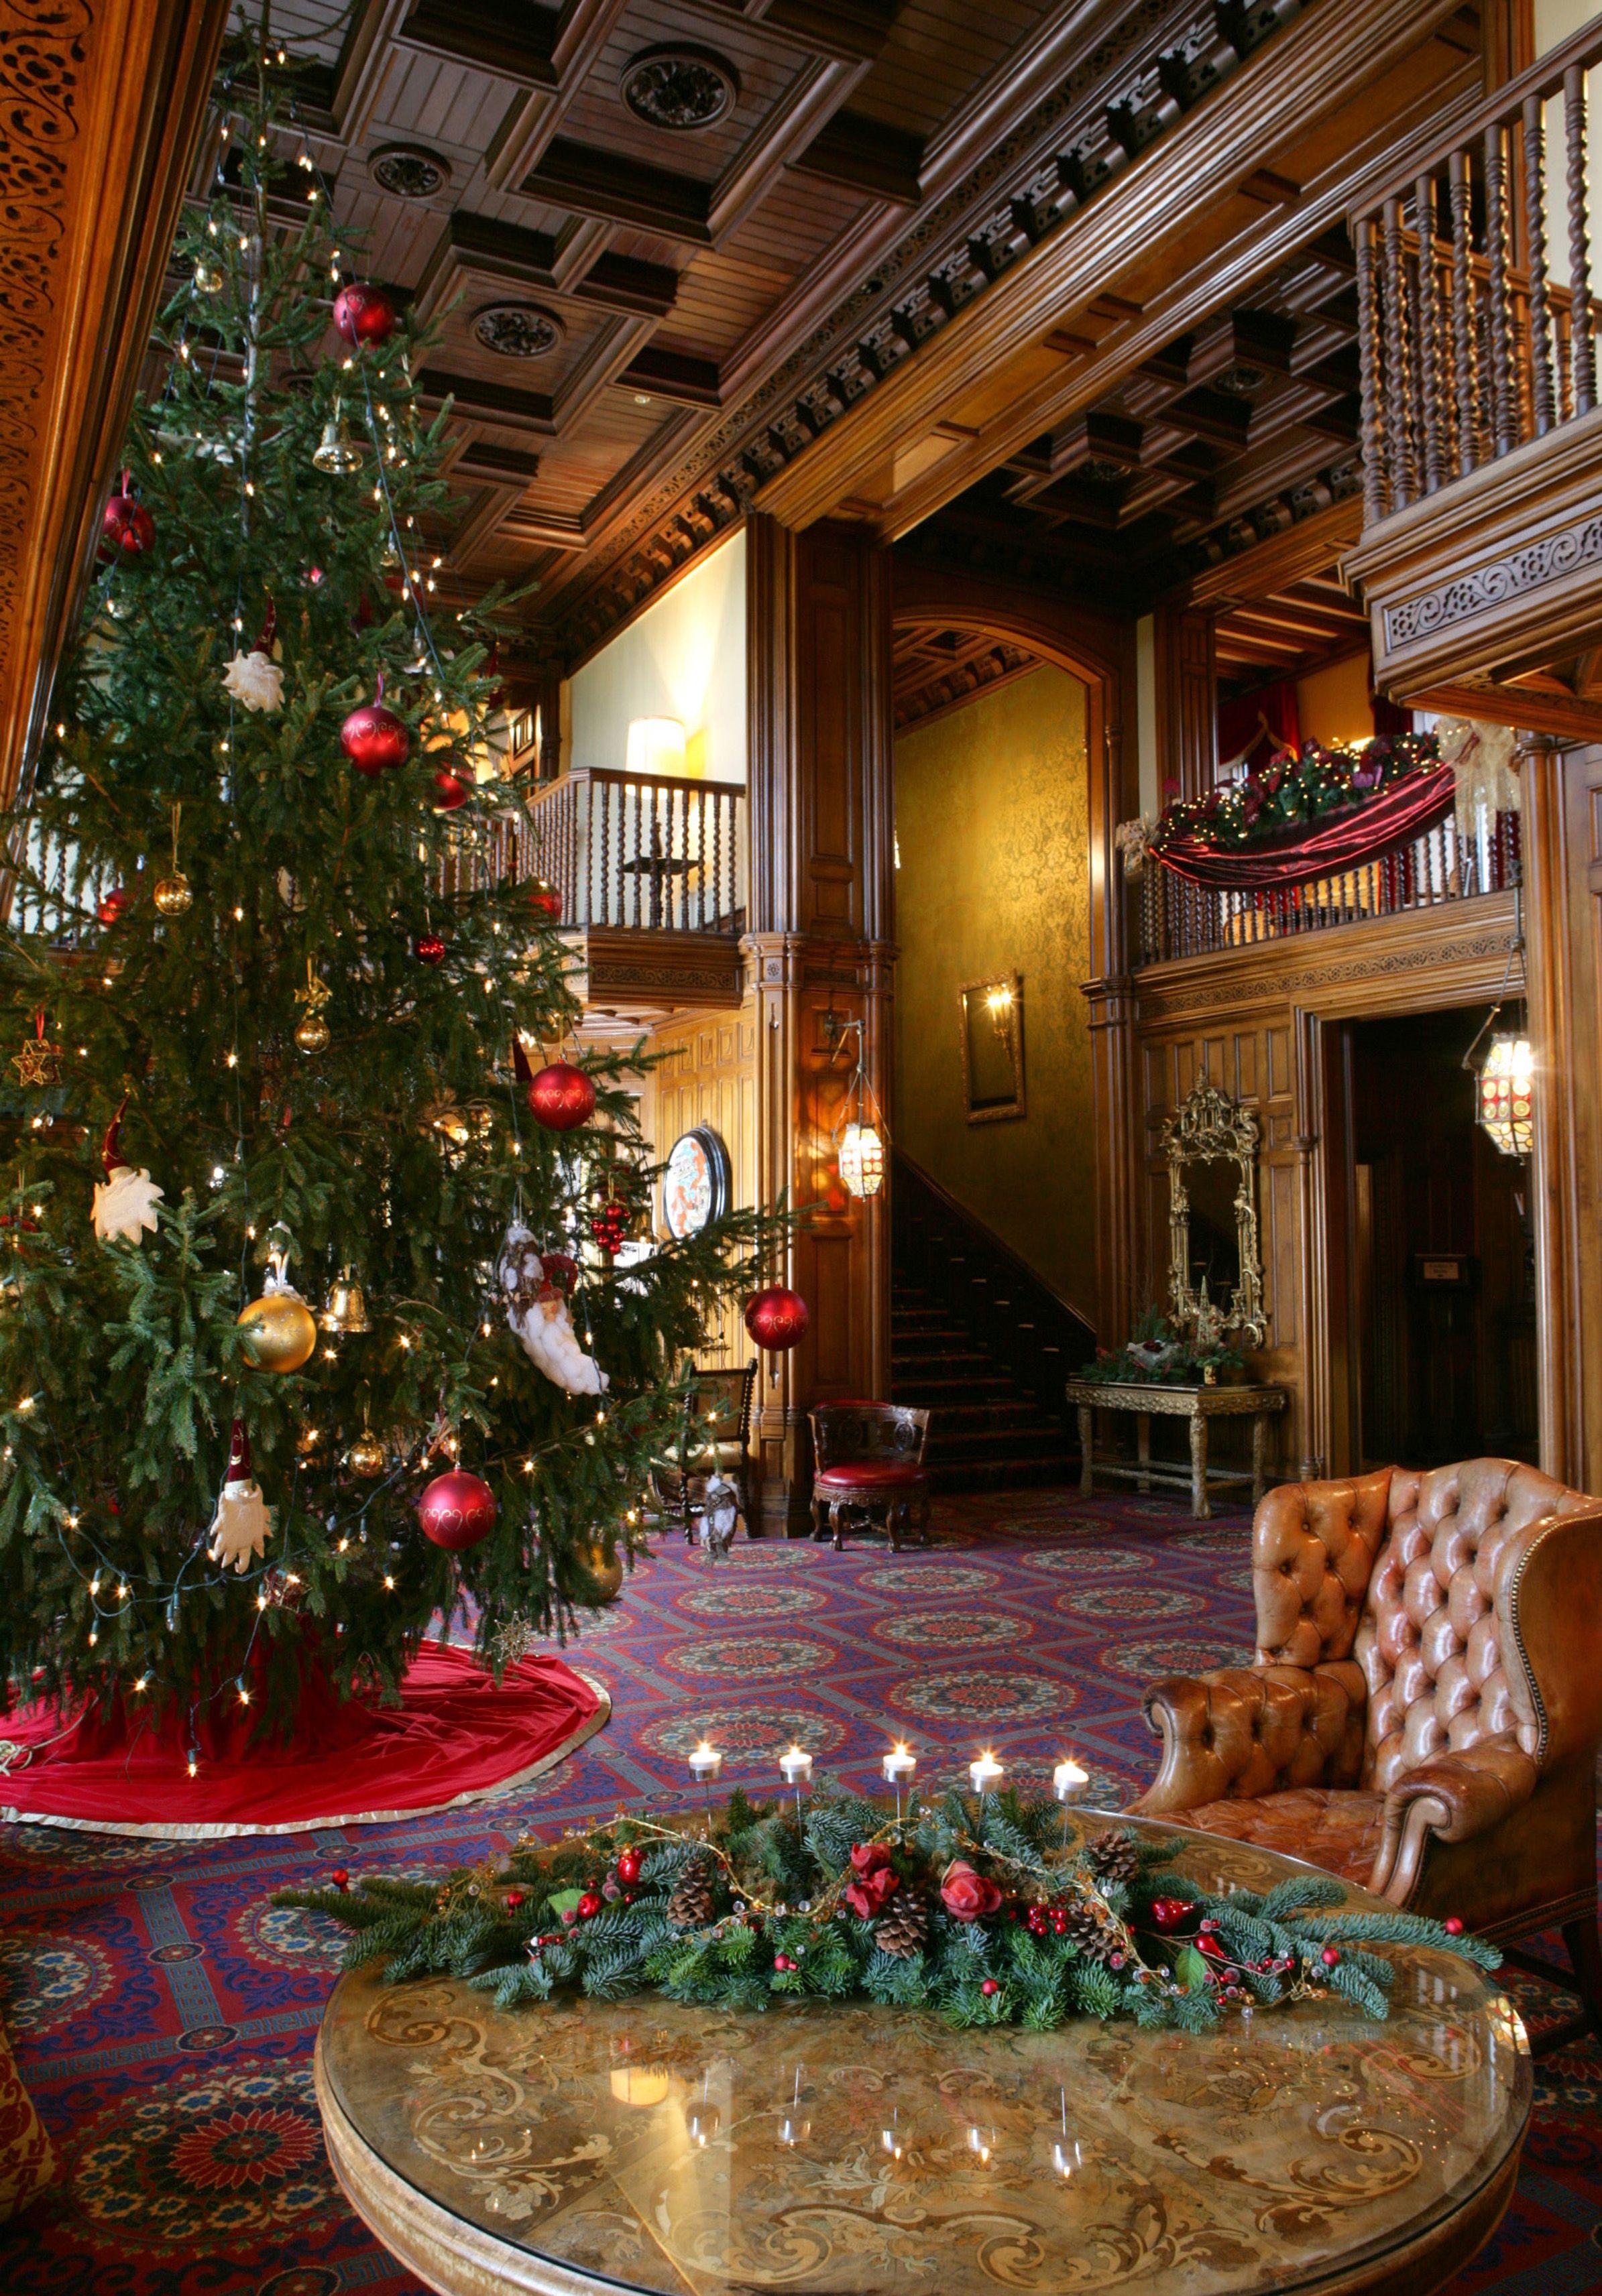 An incredible Christmas tree fills The Oak Hall at Ashford